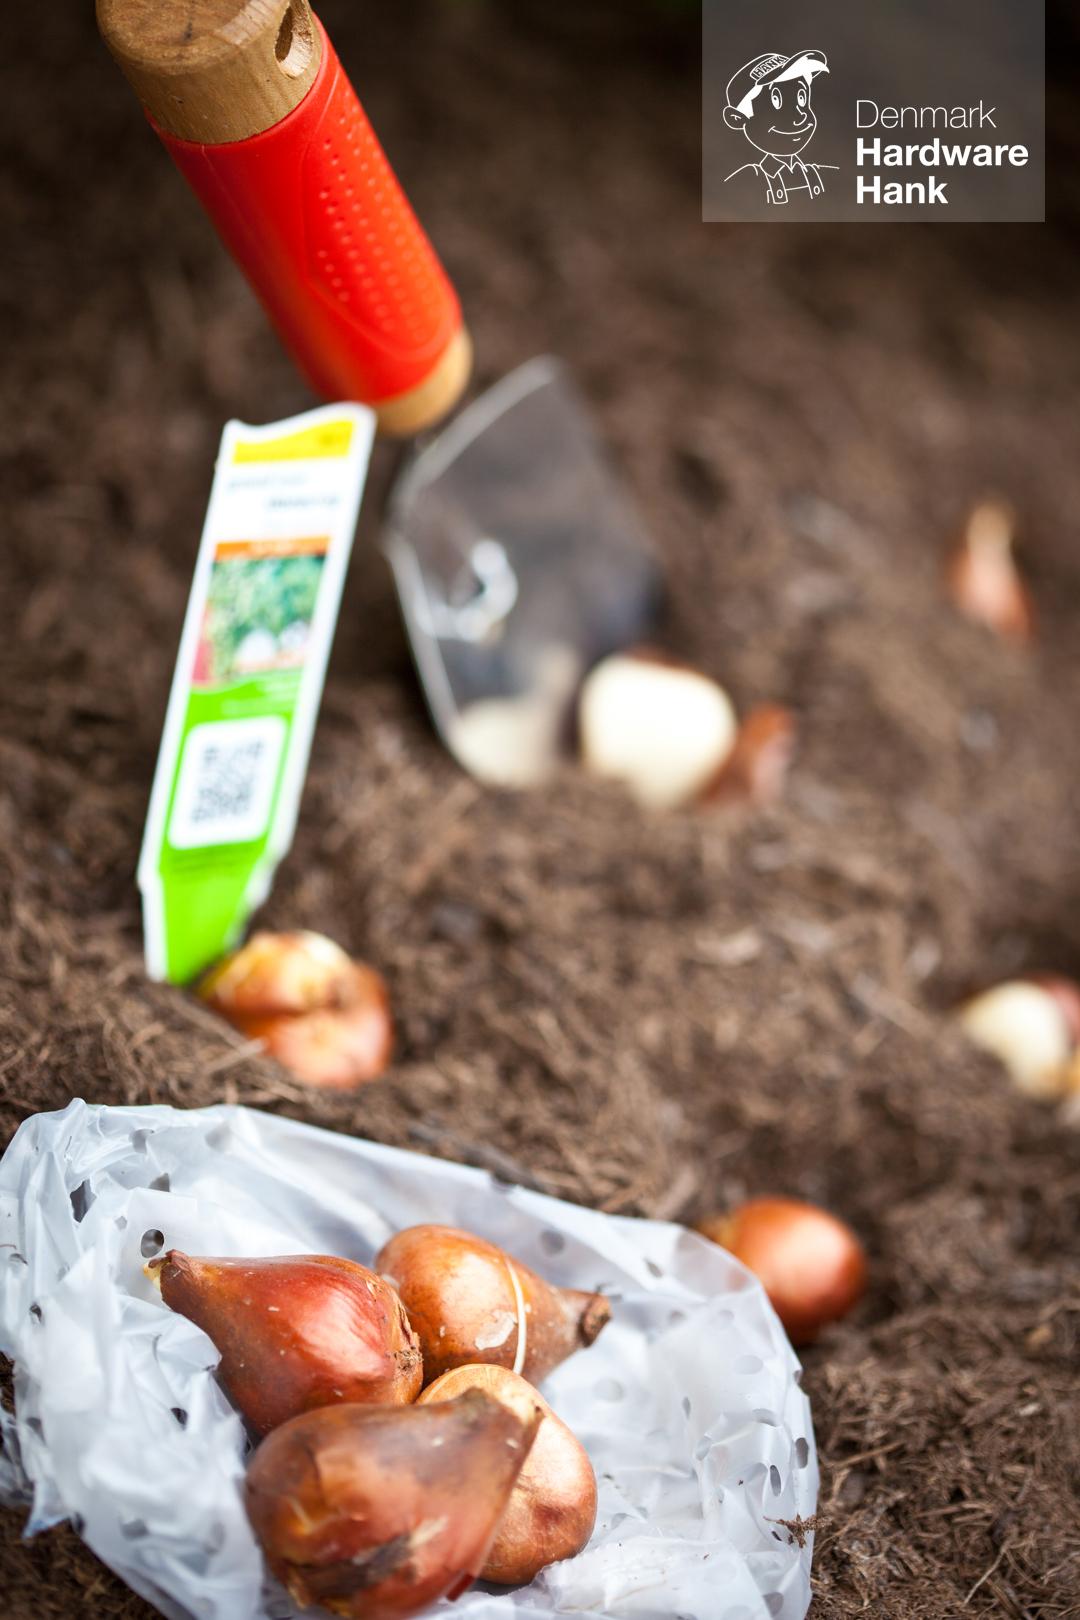 Denmark Hardware Hank Tulip Bulbs